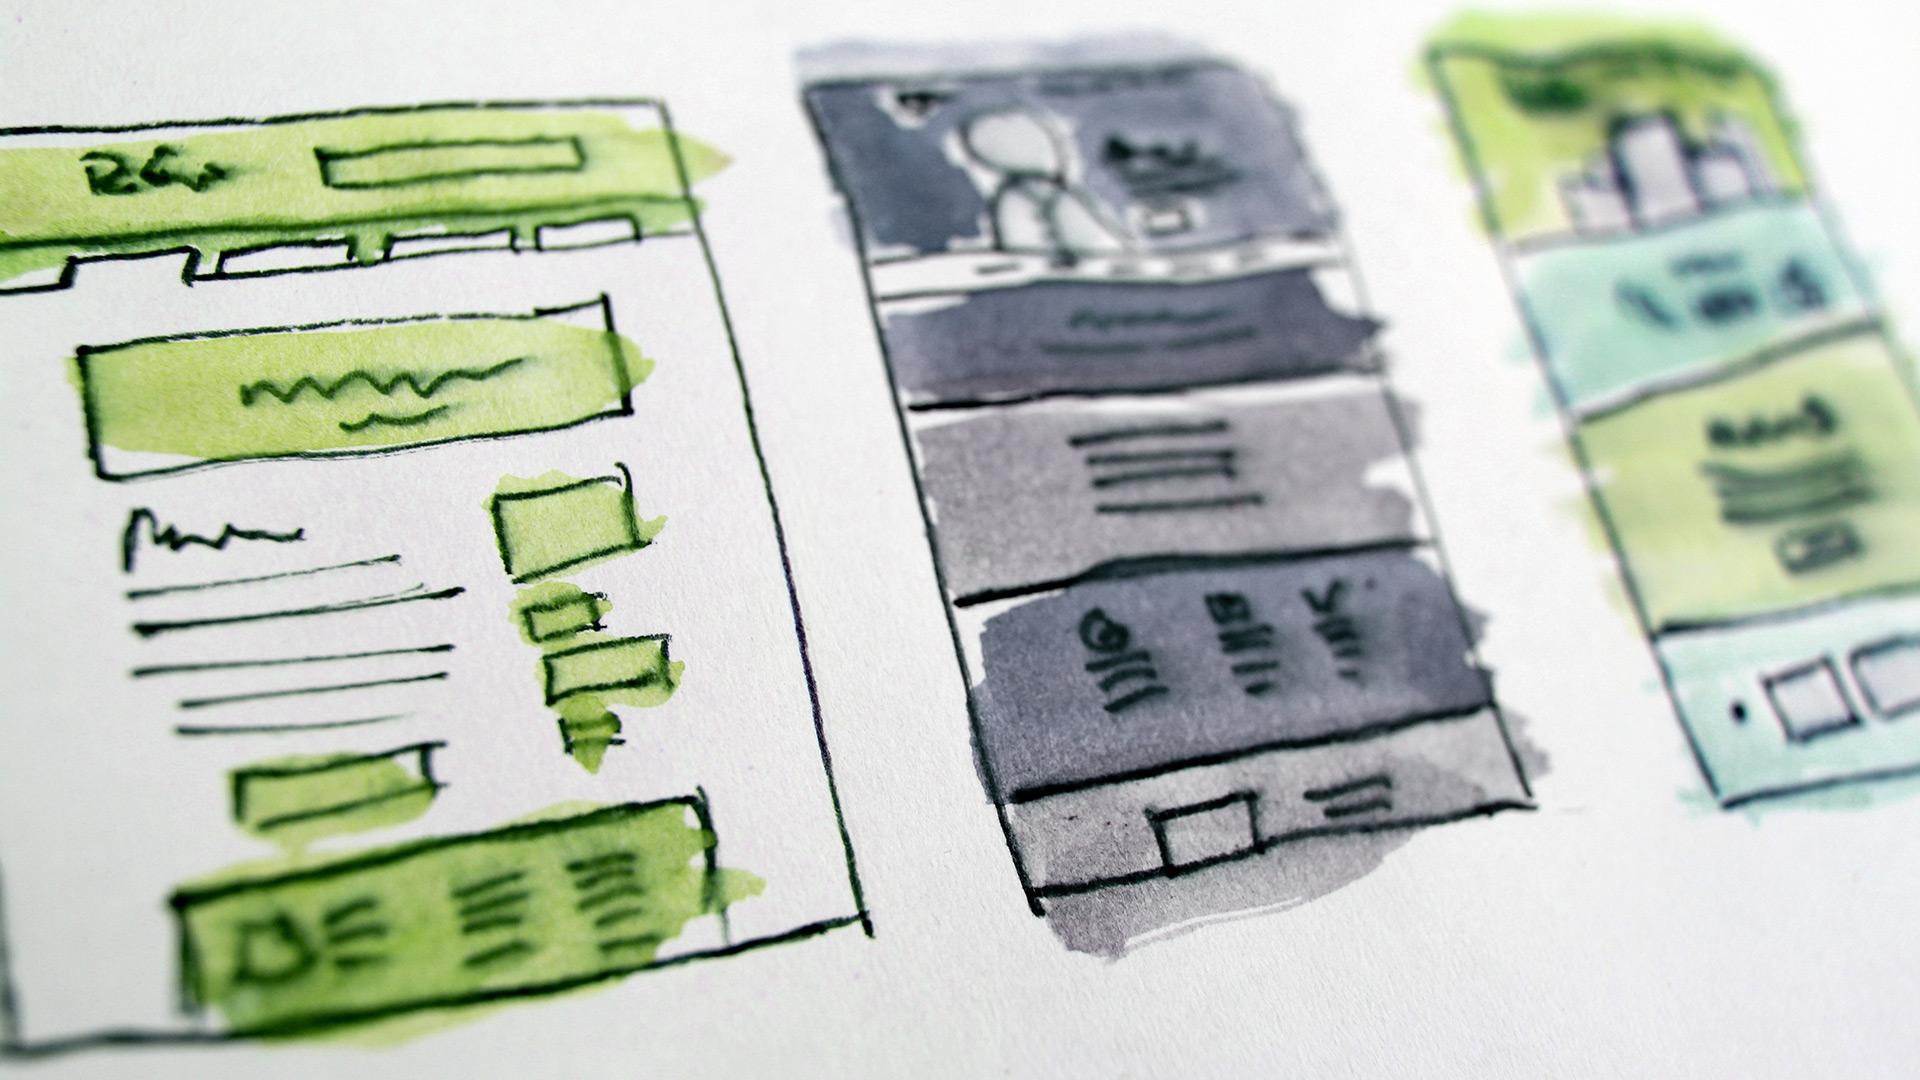 Esquisse de design web UX et UI design